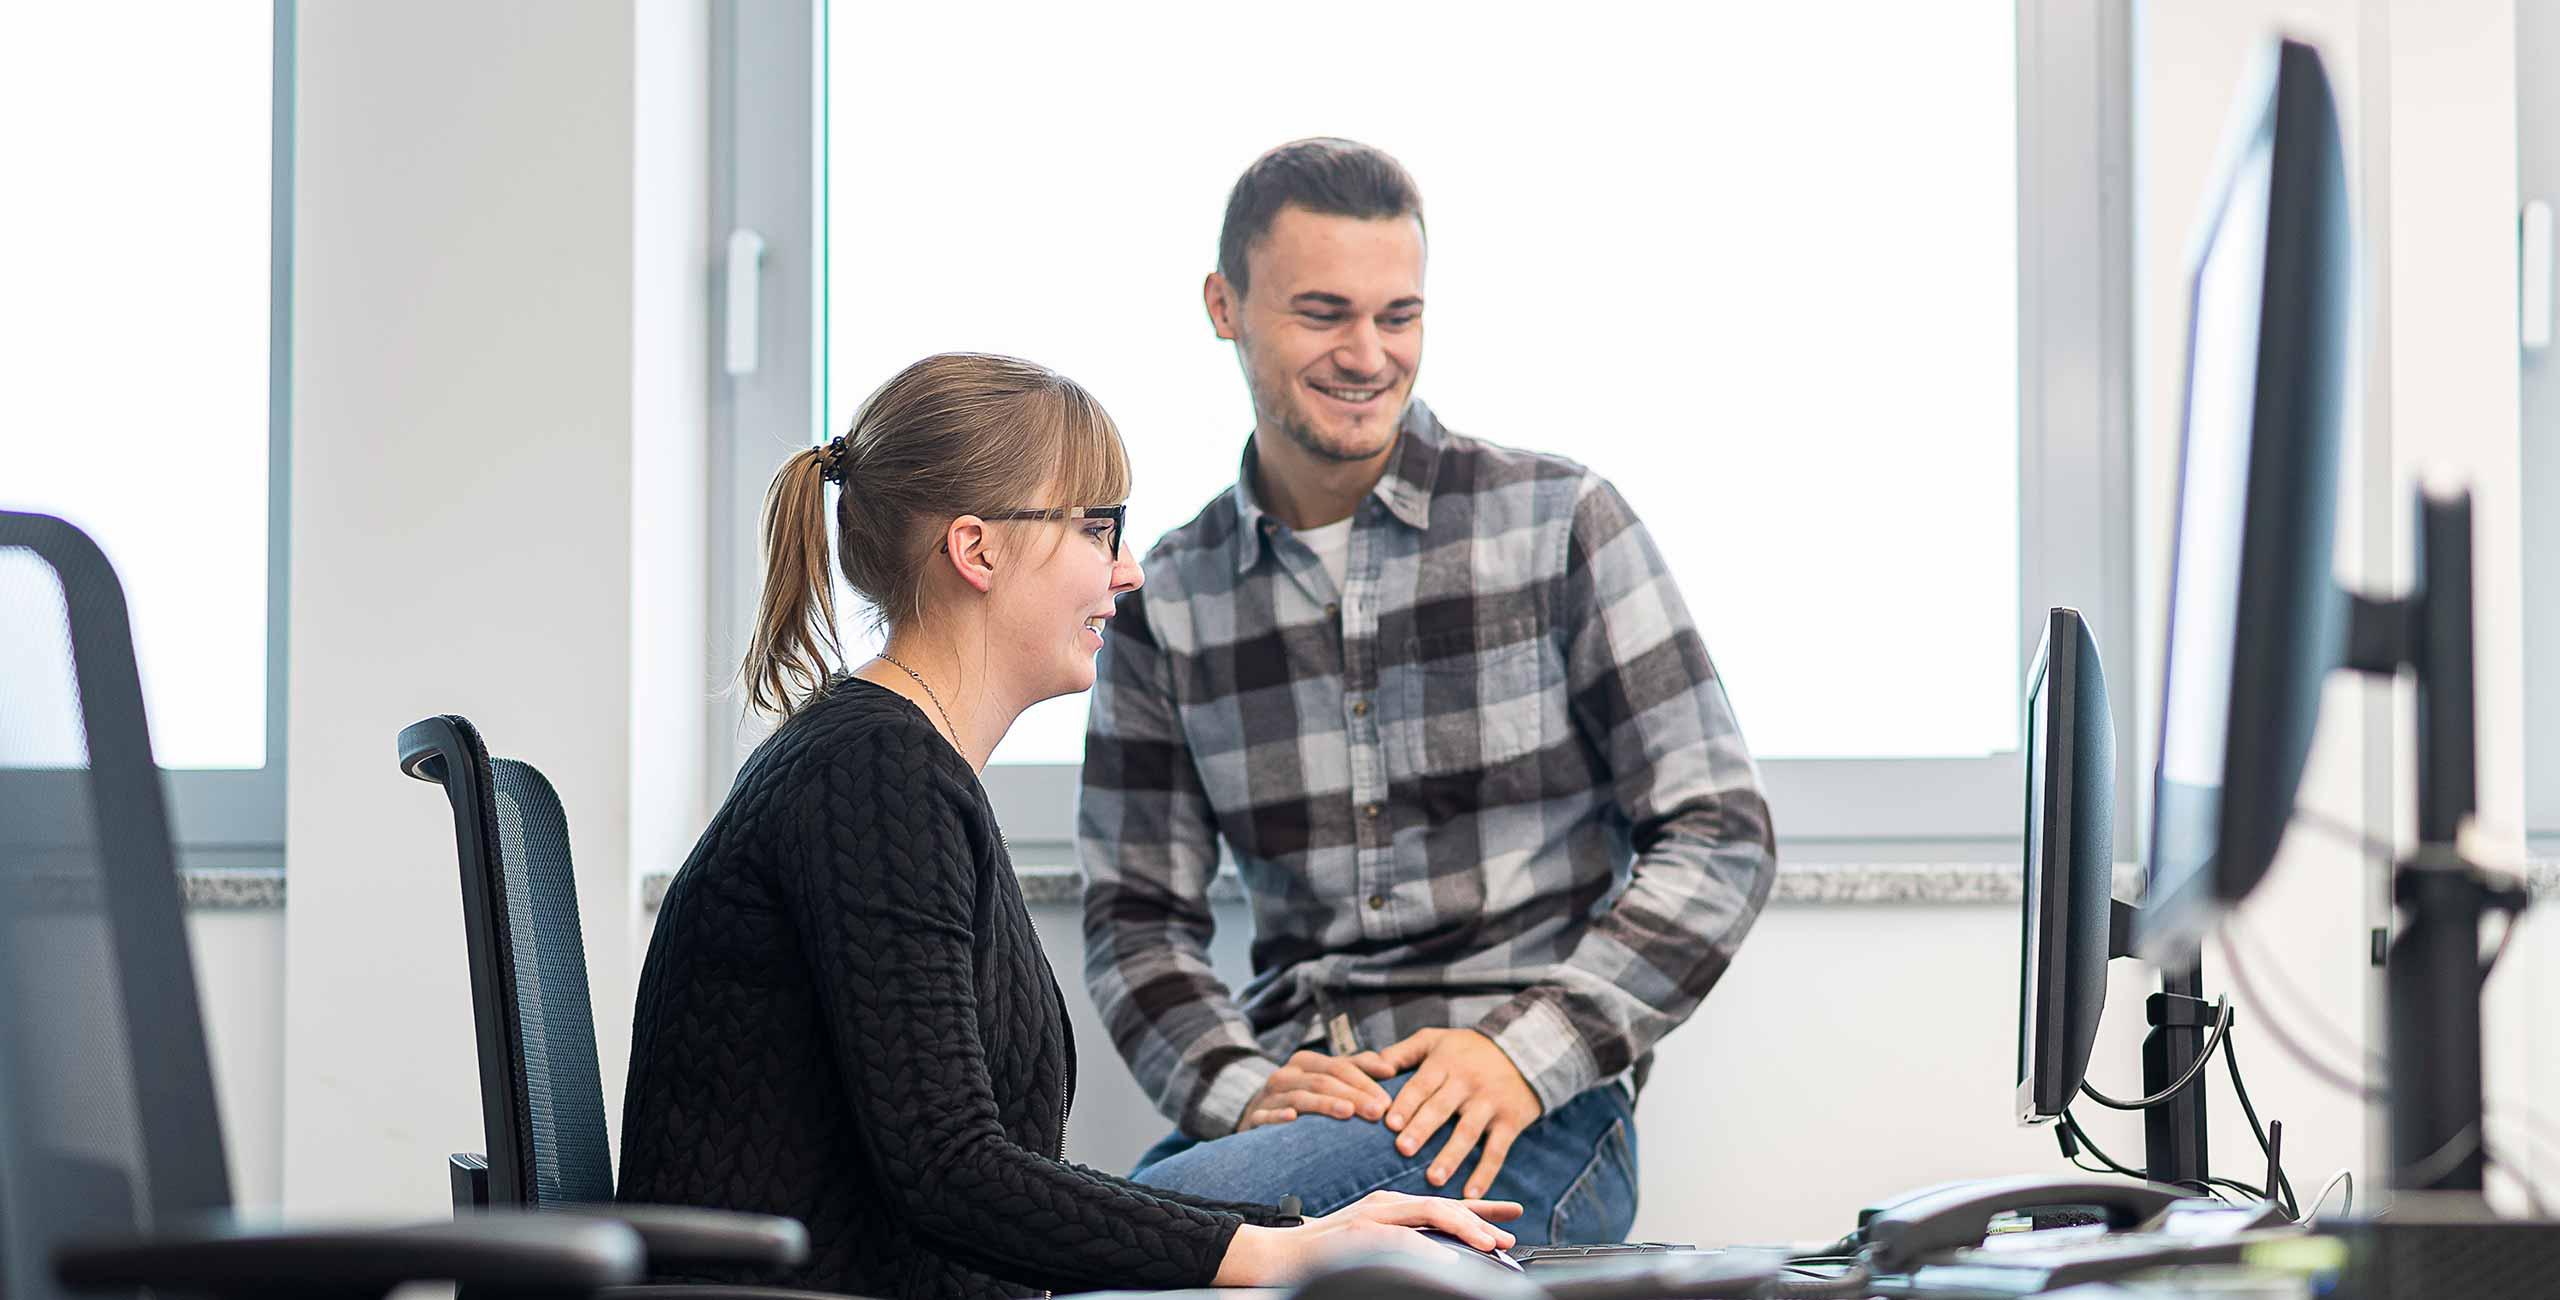 Zwei Mitarbeiter aus der Personalabteilung von Oberpfalz Medien beraten sich vor Computer über Dinge, die die Karriere betreffen.